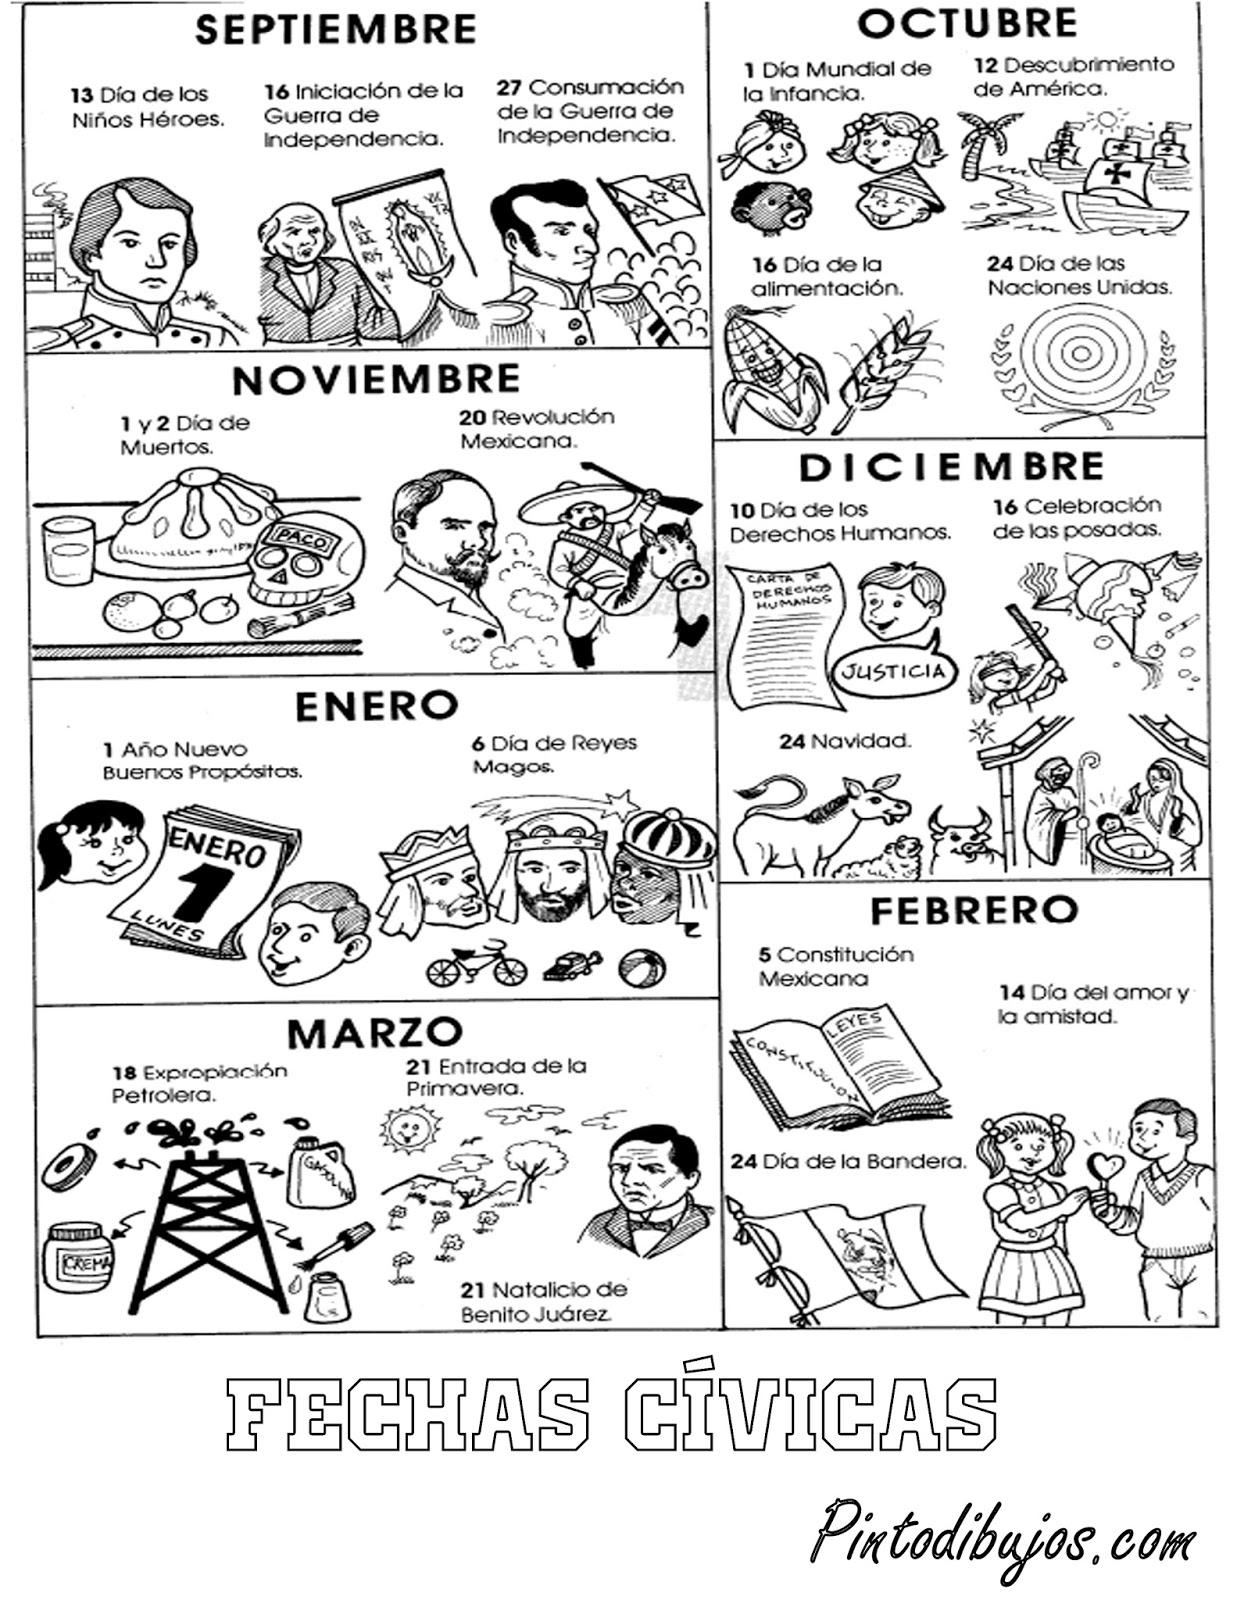 Learn These 13 De Septiembre Niños Heroes Dibujos Para Colorear